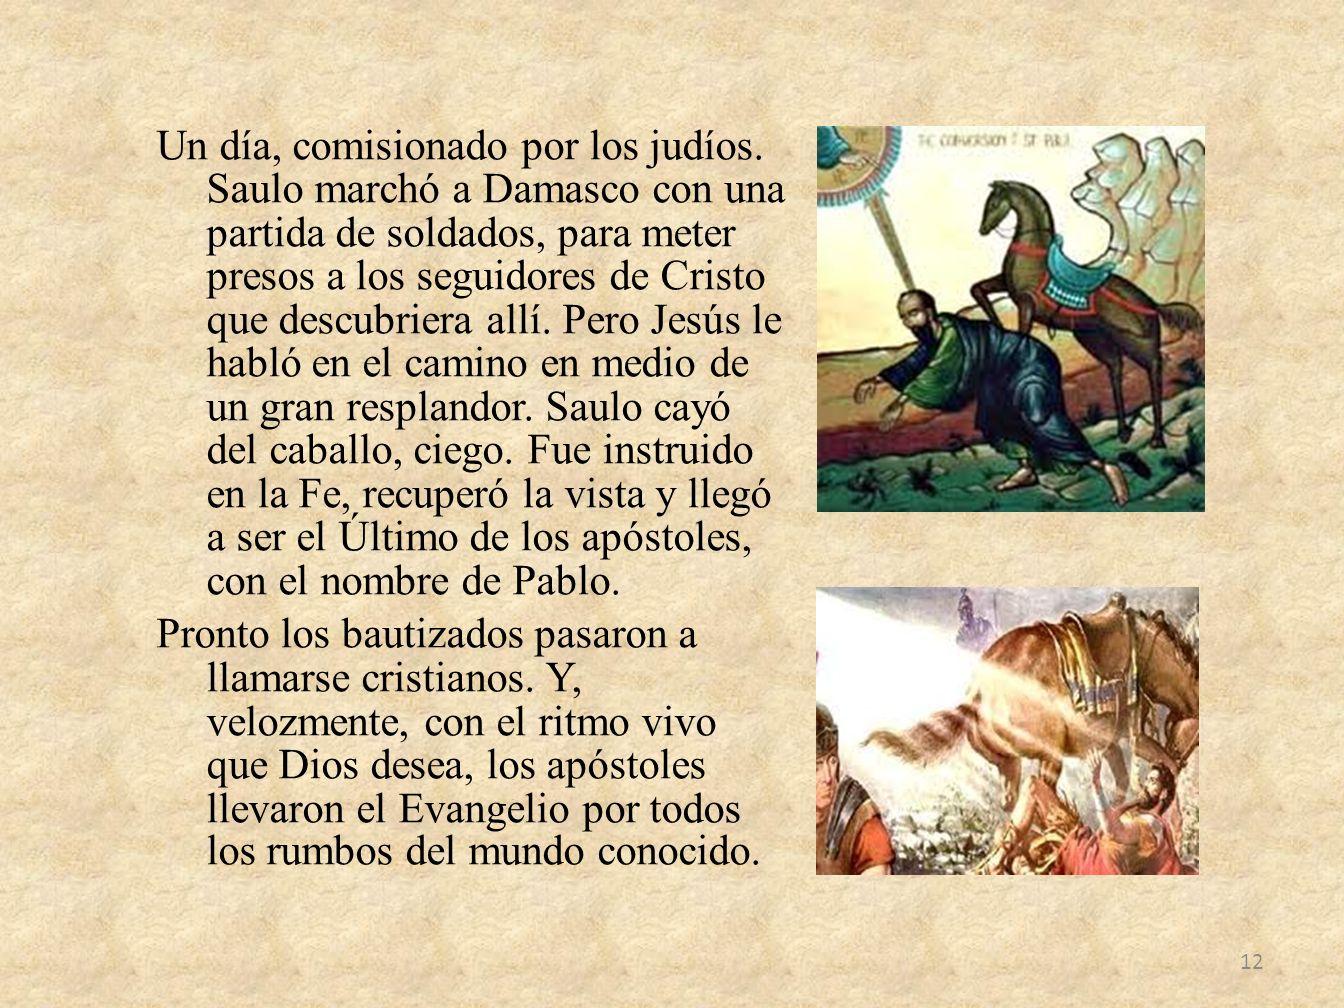 Un día, comisionado por los judíos. Saulo marchó a Damasco con una partida de soldados, para meter presos a los seguidores de Cristo que descubriera a